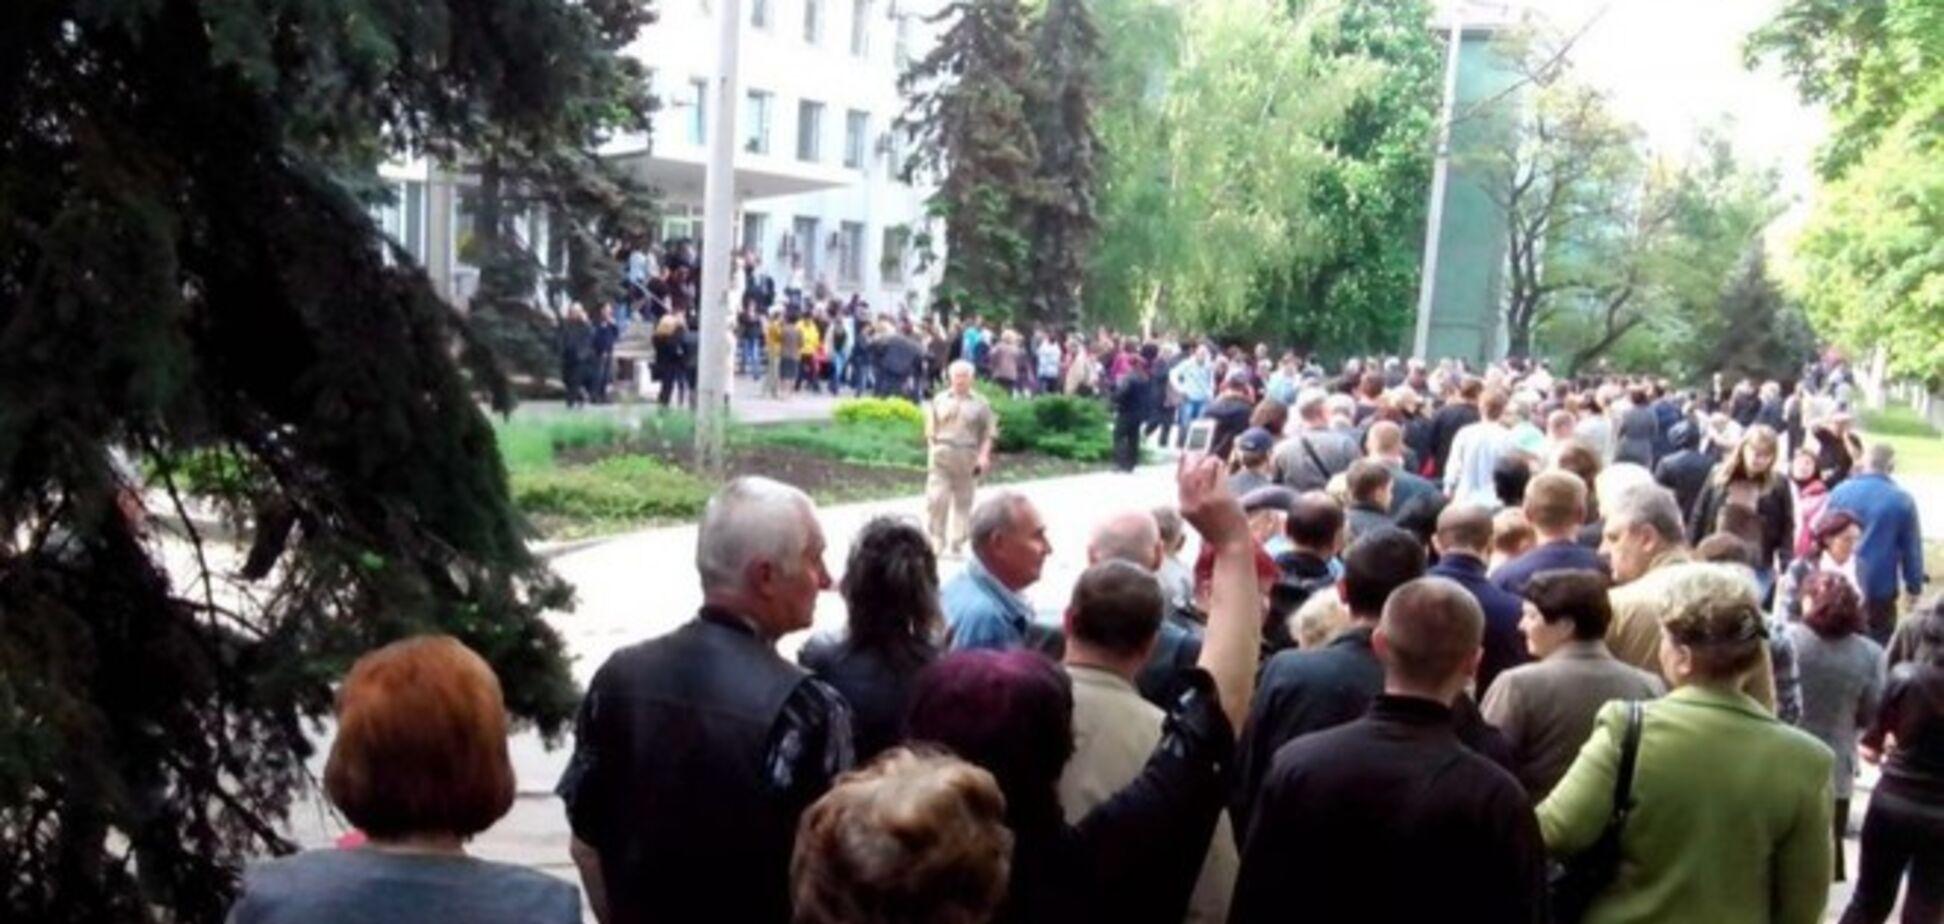 На Донбассе строятся в искусственные очереди, чтобы проголосовать на псевдореферендуме